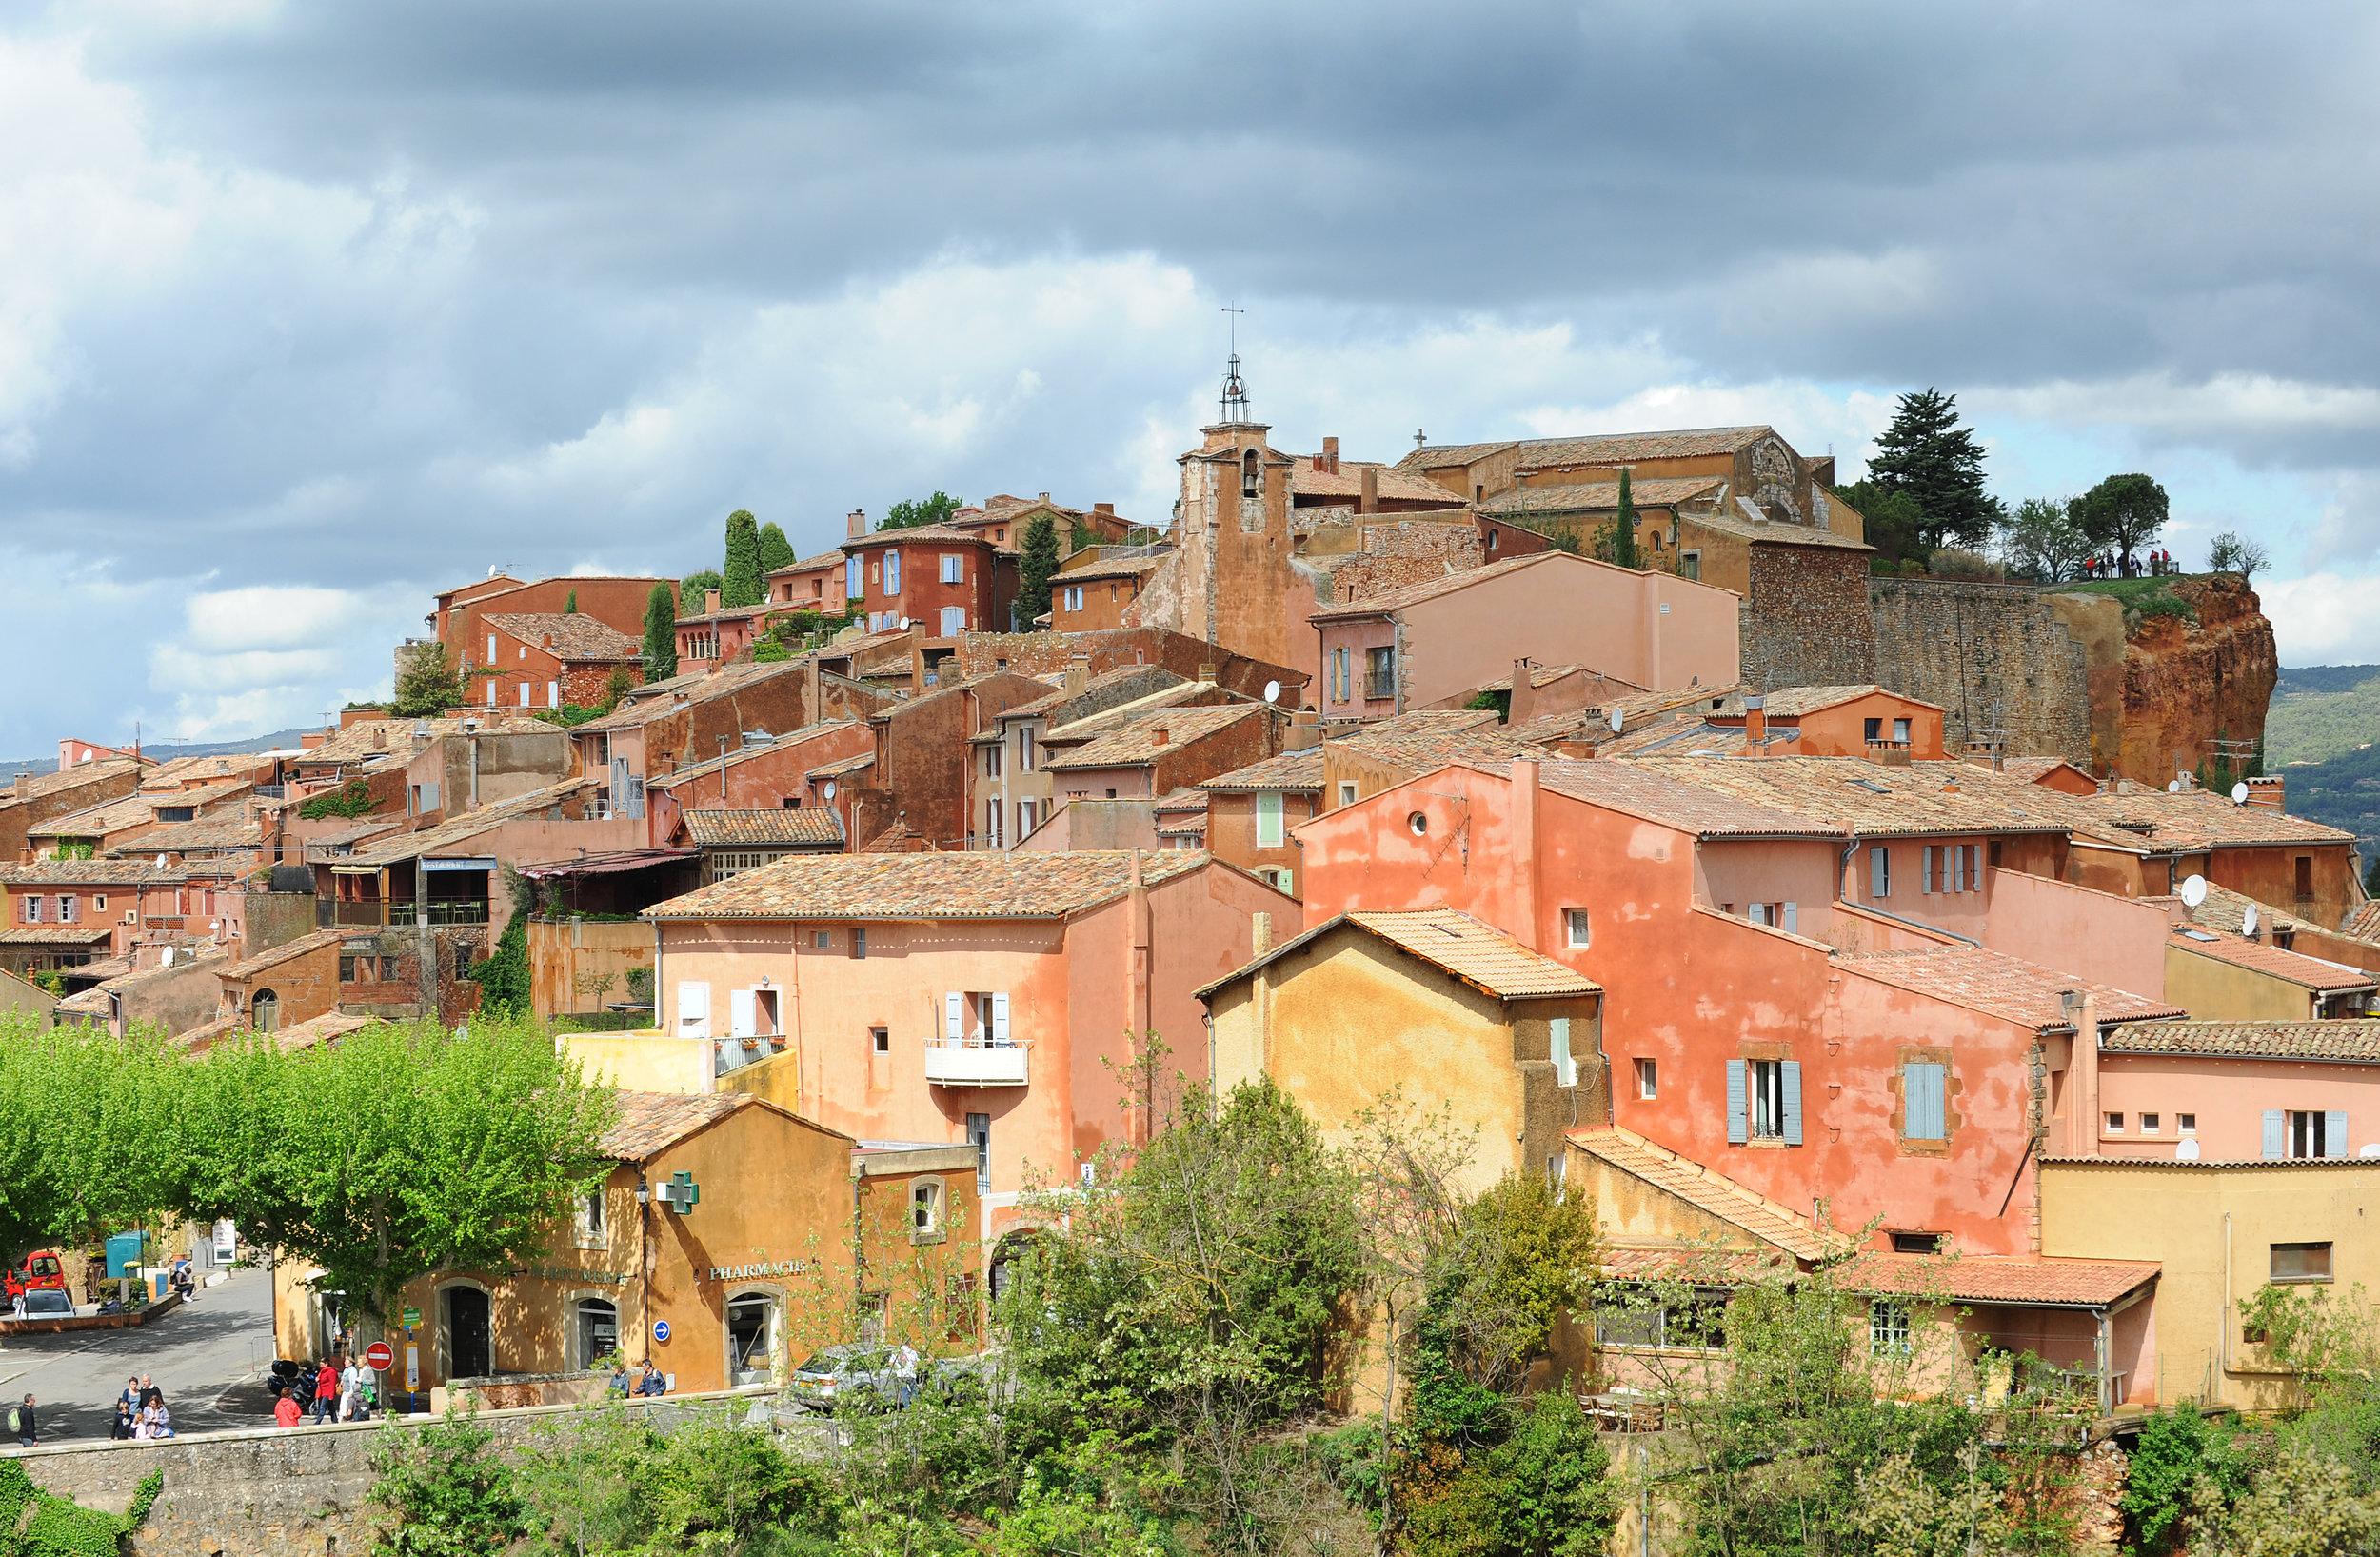 Roussillion, Provence, Ranska, kylä, kaunis, automatka